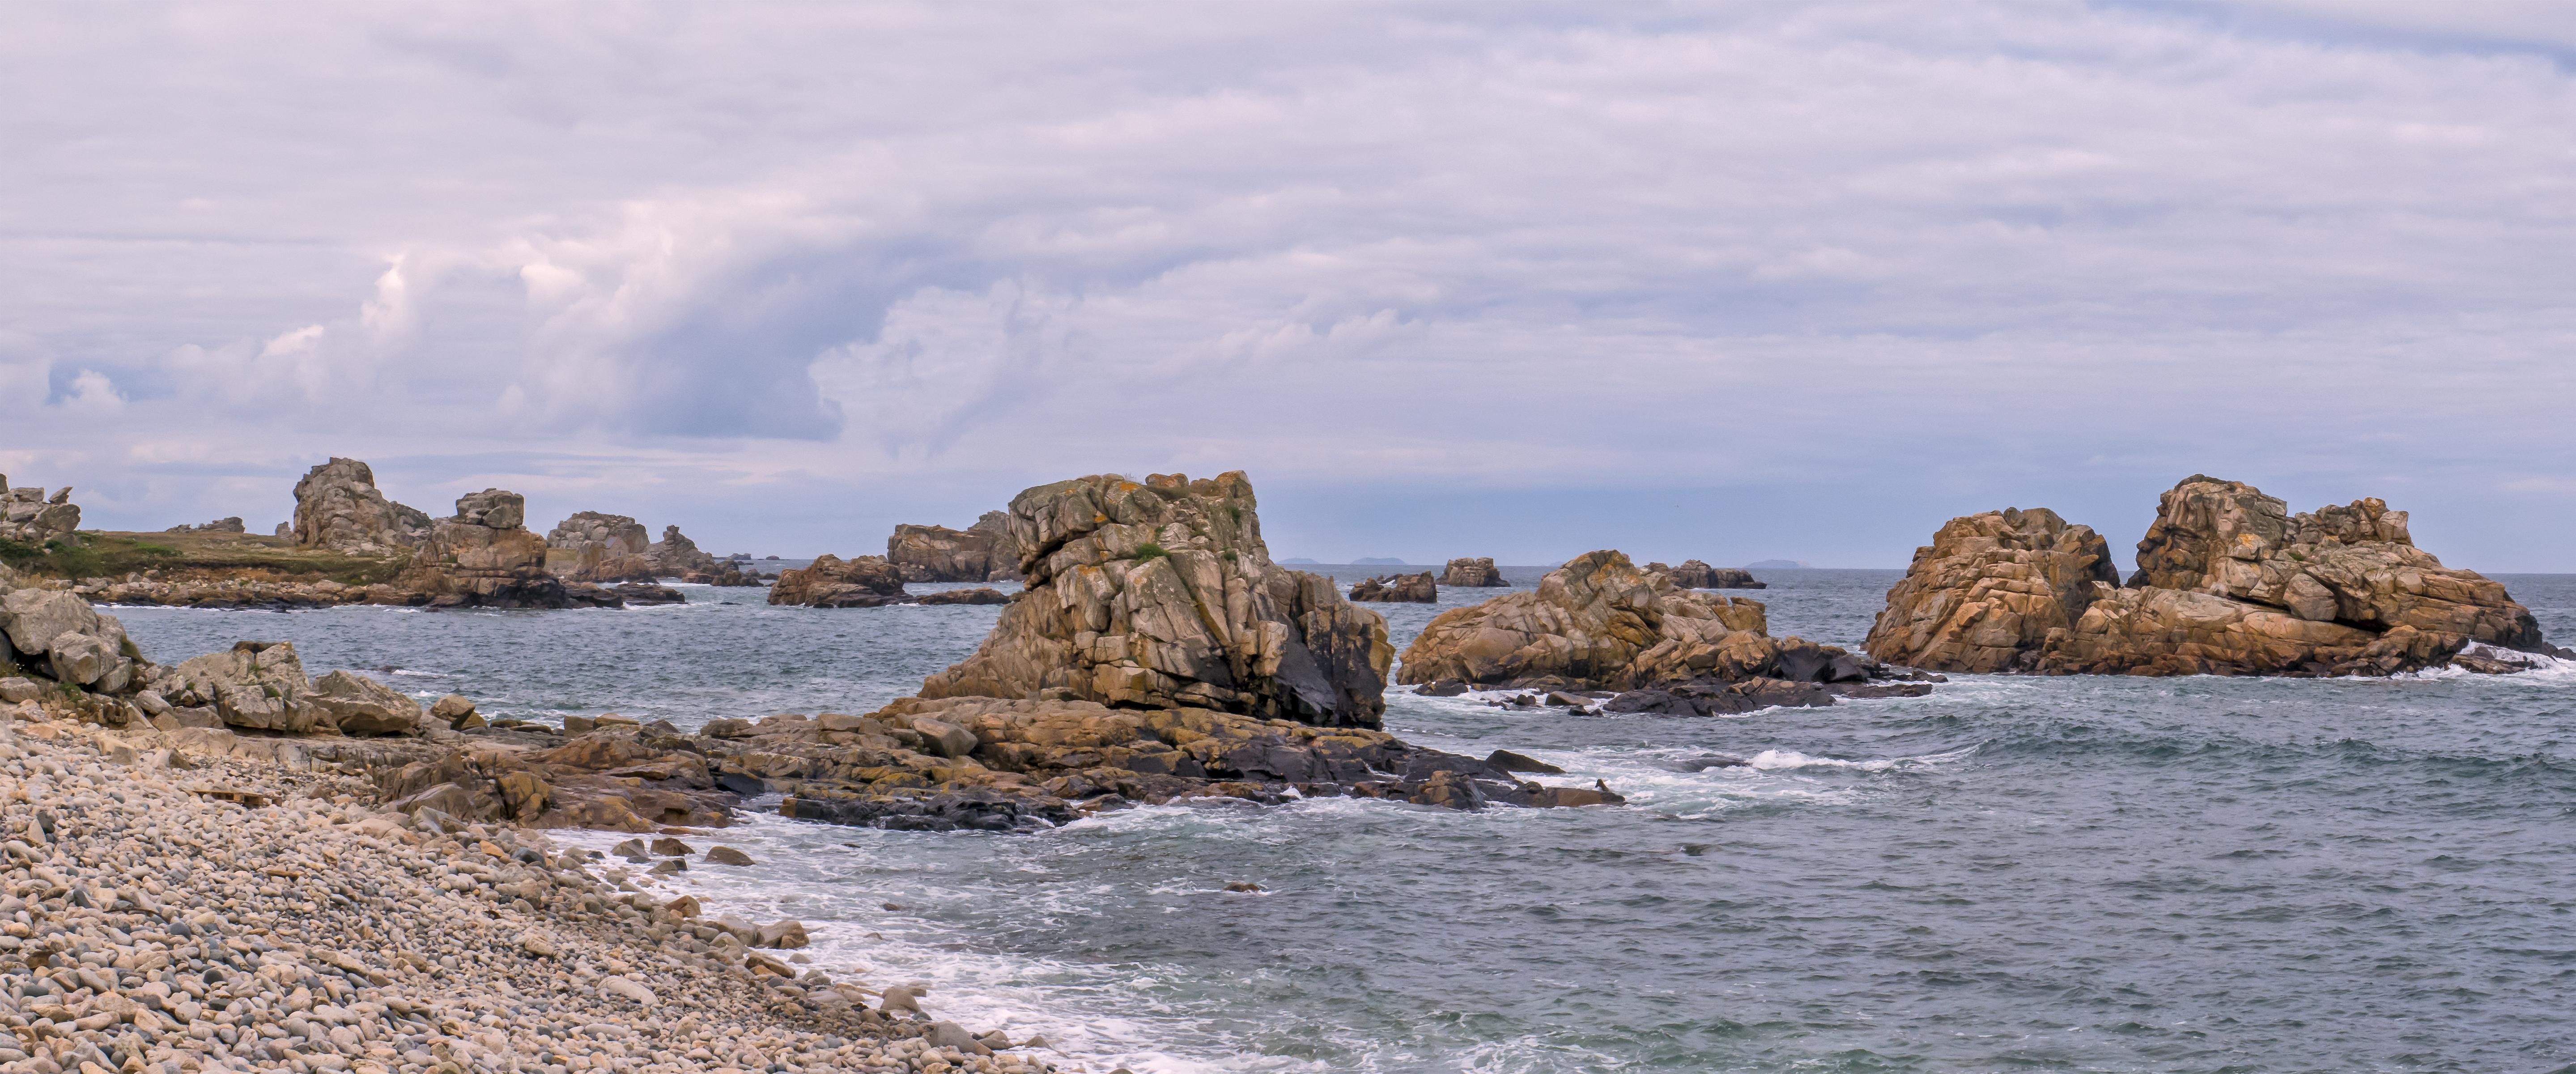 Pointe du Chateau copy